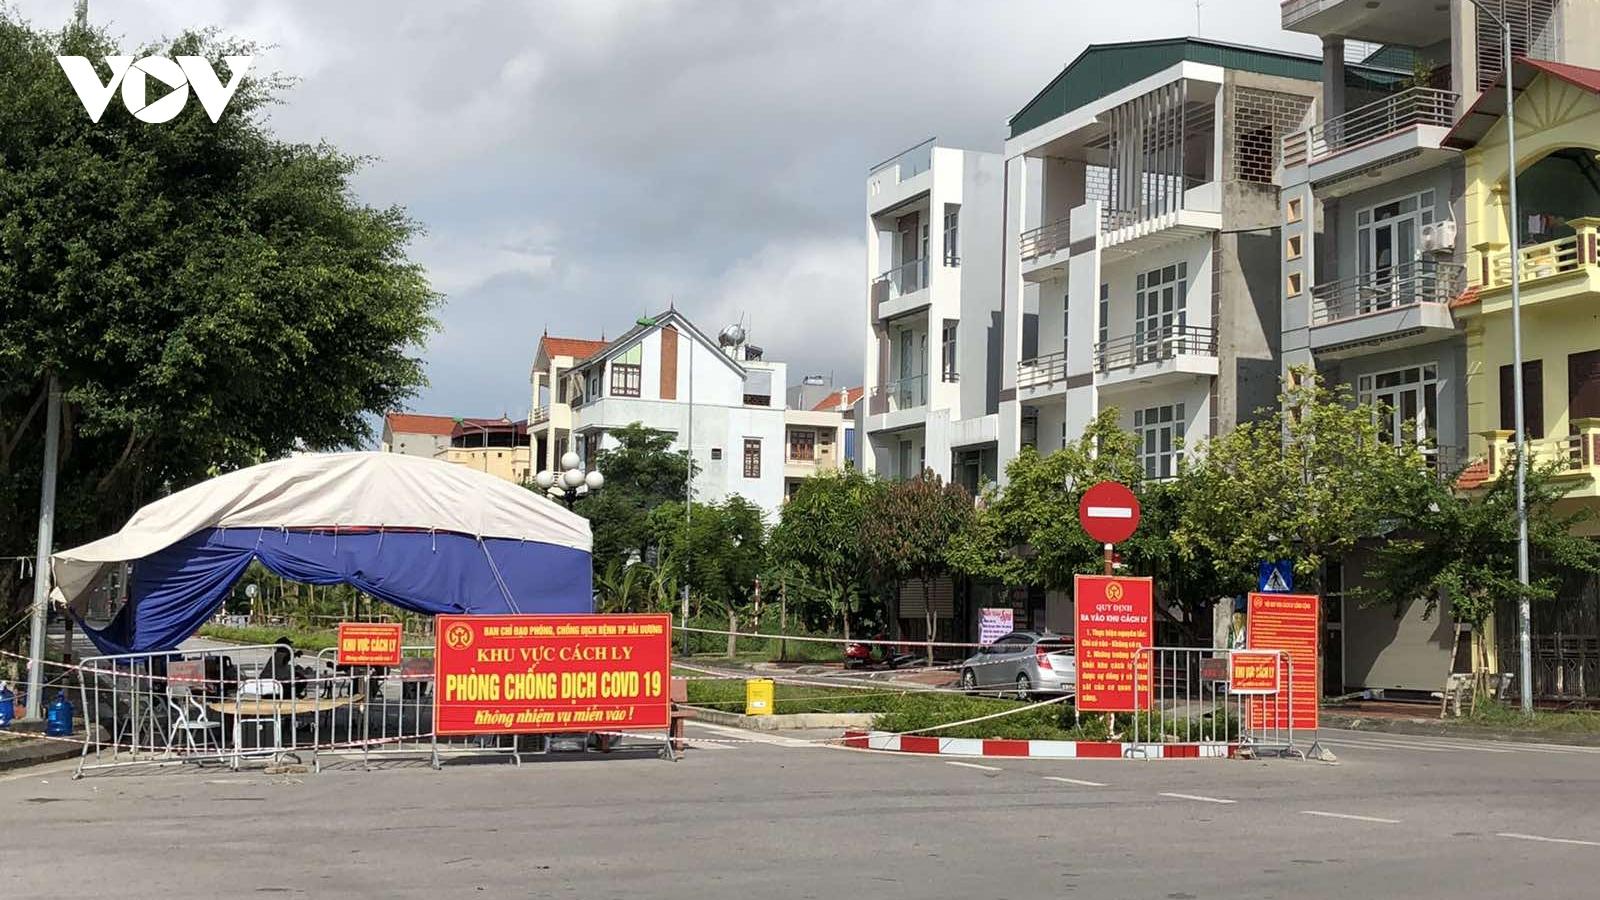 Từ 15/9, gỡ bỏ hầu hết các khu vực cách ly tại thành phố Hải Dương